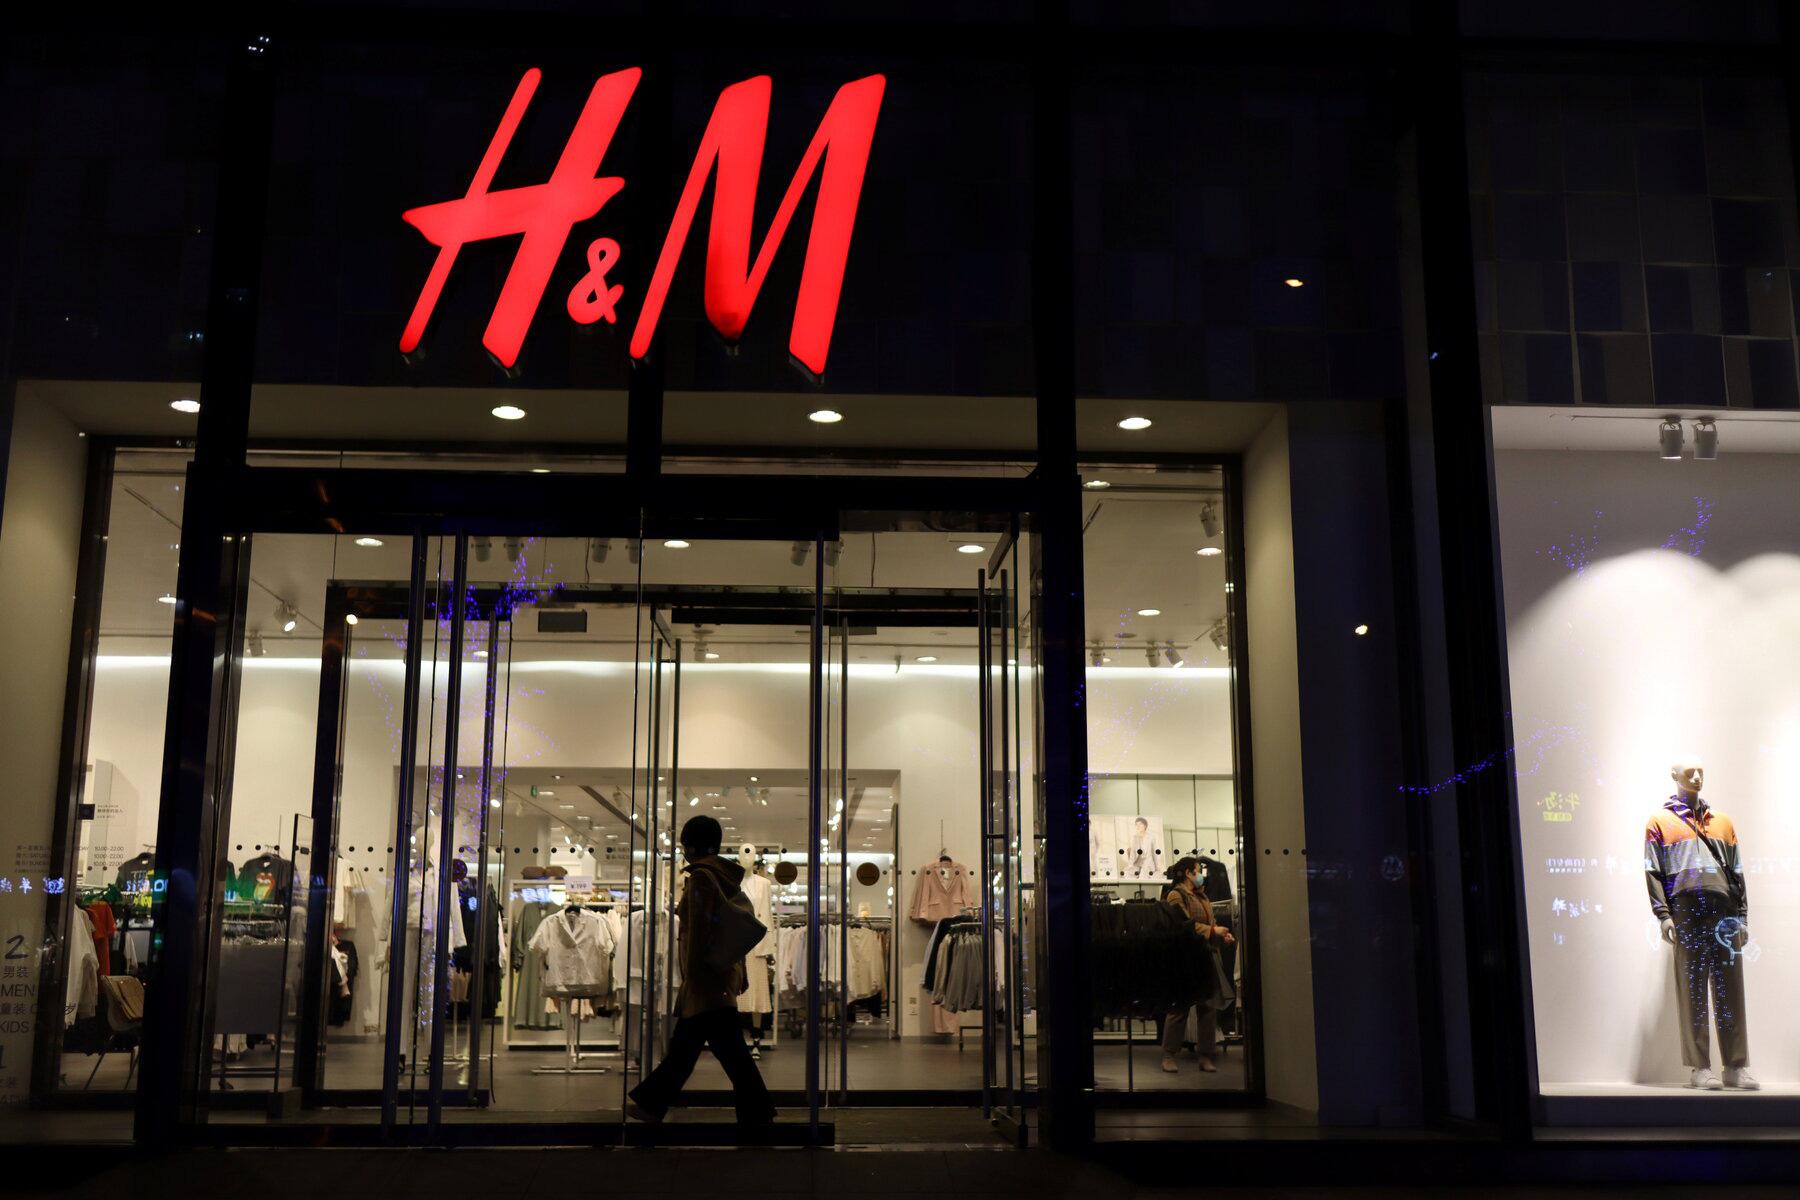 Sau H&M và Nike, thêm nhiều nhãn hàng bị cuốn vào cơn bão tẩy chay tại Trung Quốc - Ảnh 1.